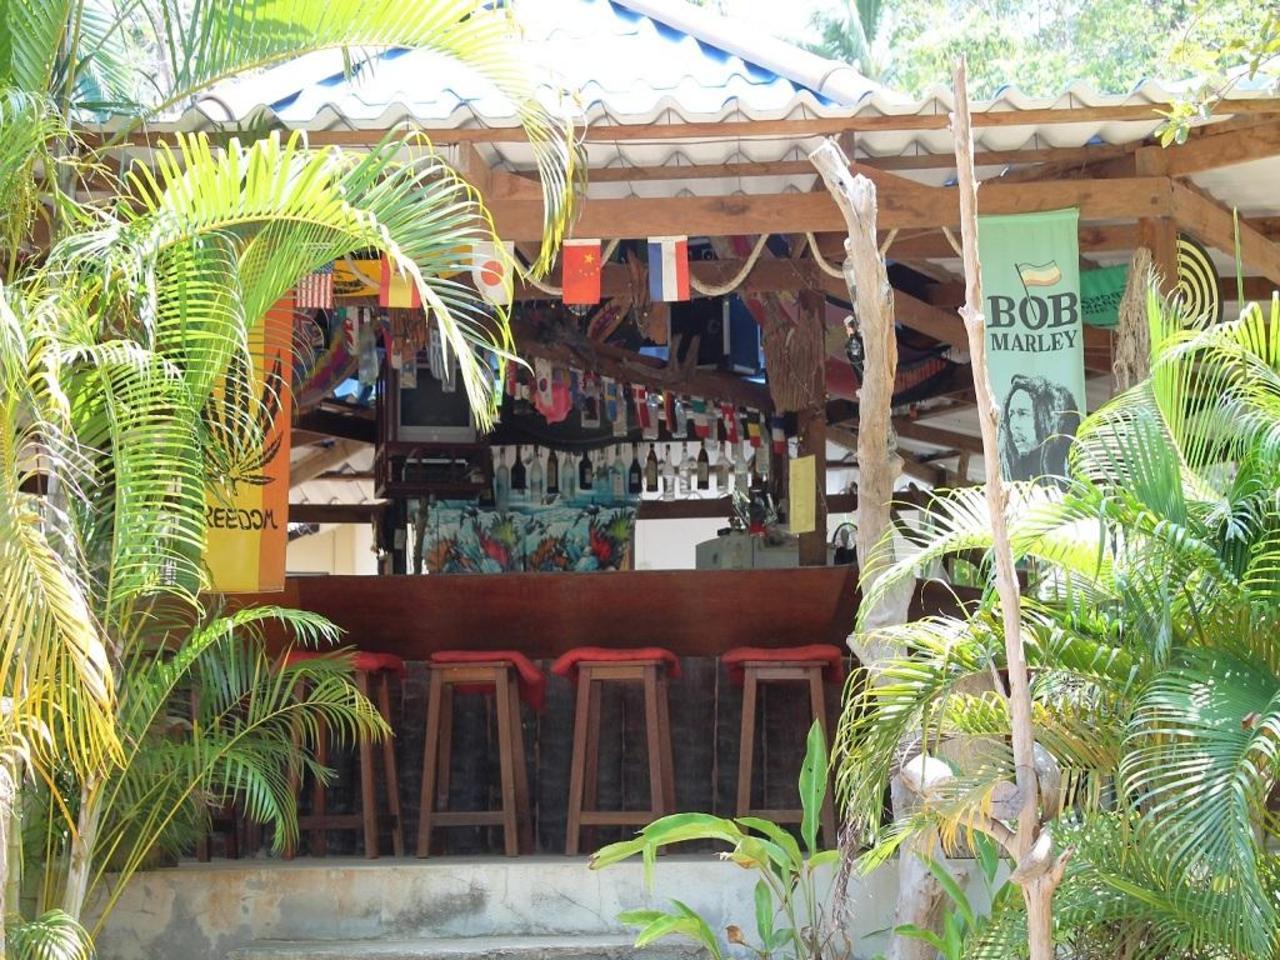 จังเกิ้ล บาร์ แอนด์ บังกะโล (Jungle Bar & Bungalow)